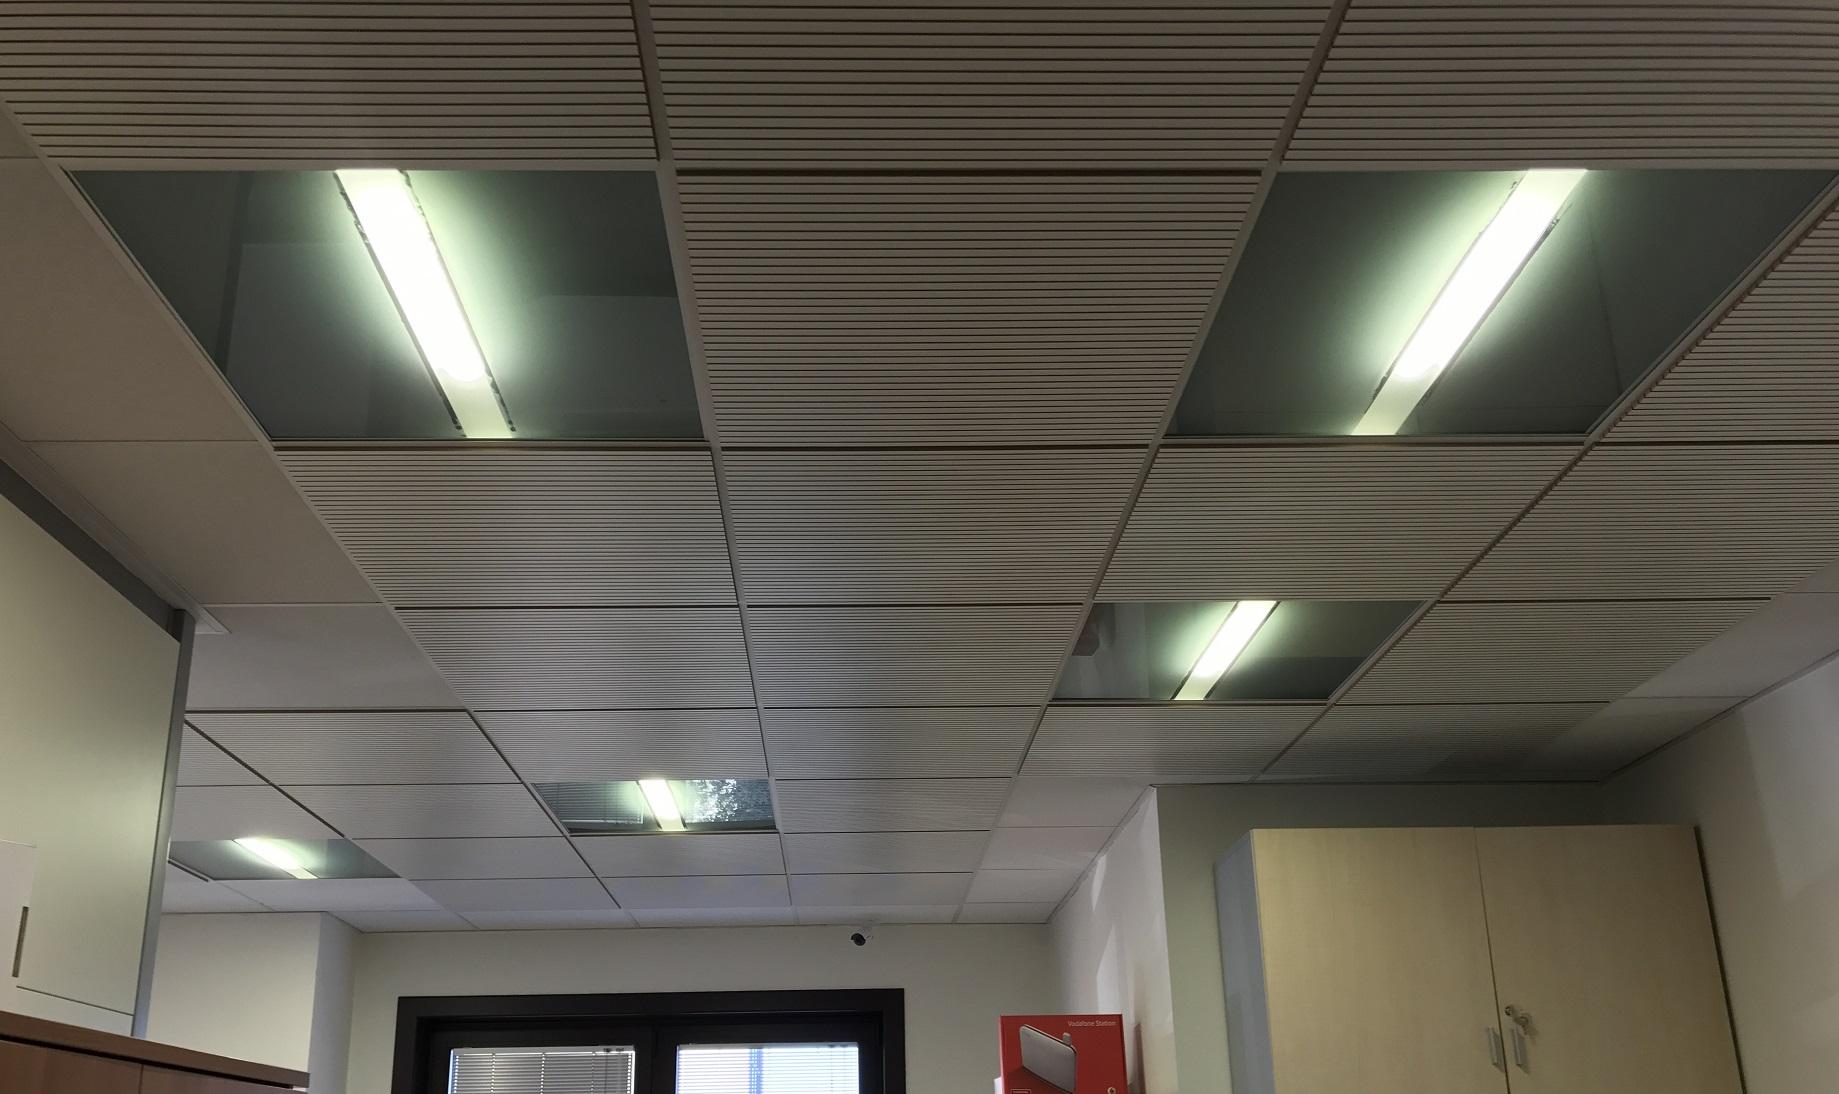 Pannelli LED 60x60 per l'Illuminazione Ufficio